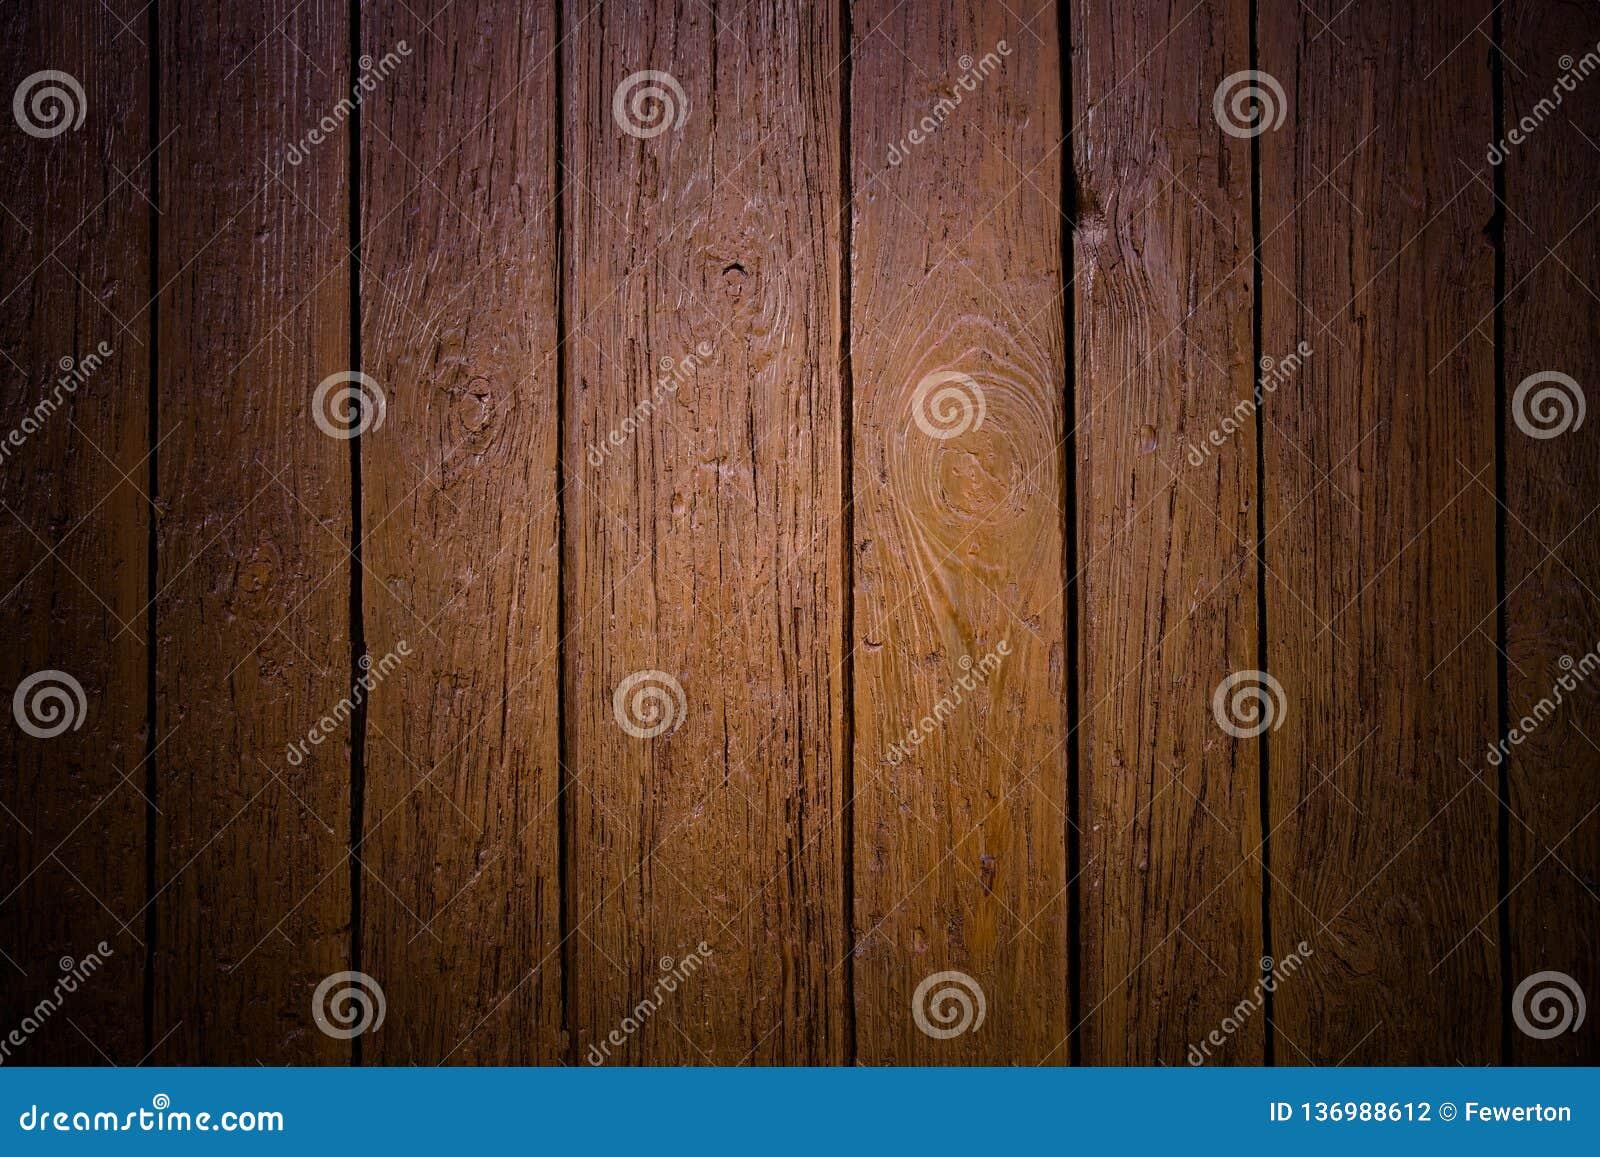 Fundo de superfície de madeira marrom sujo e resistido velho da textura da prancha da parede marcado pelos danos fora